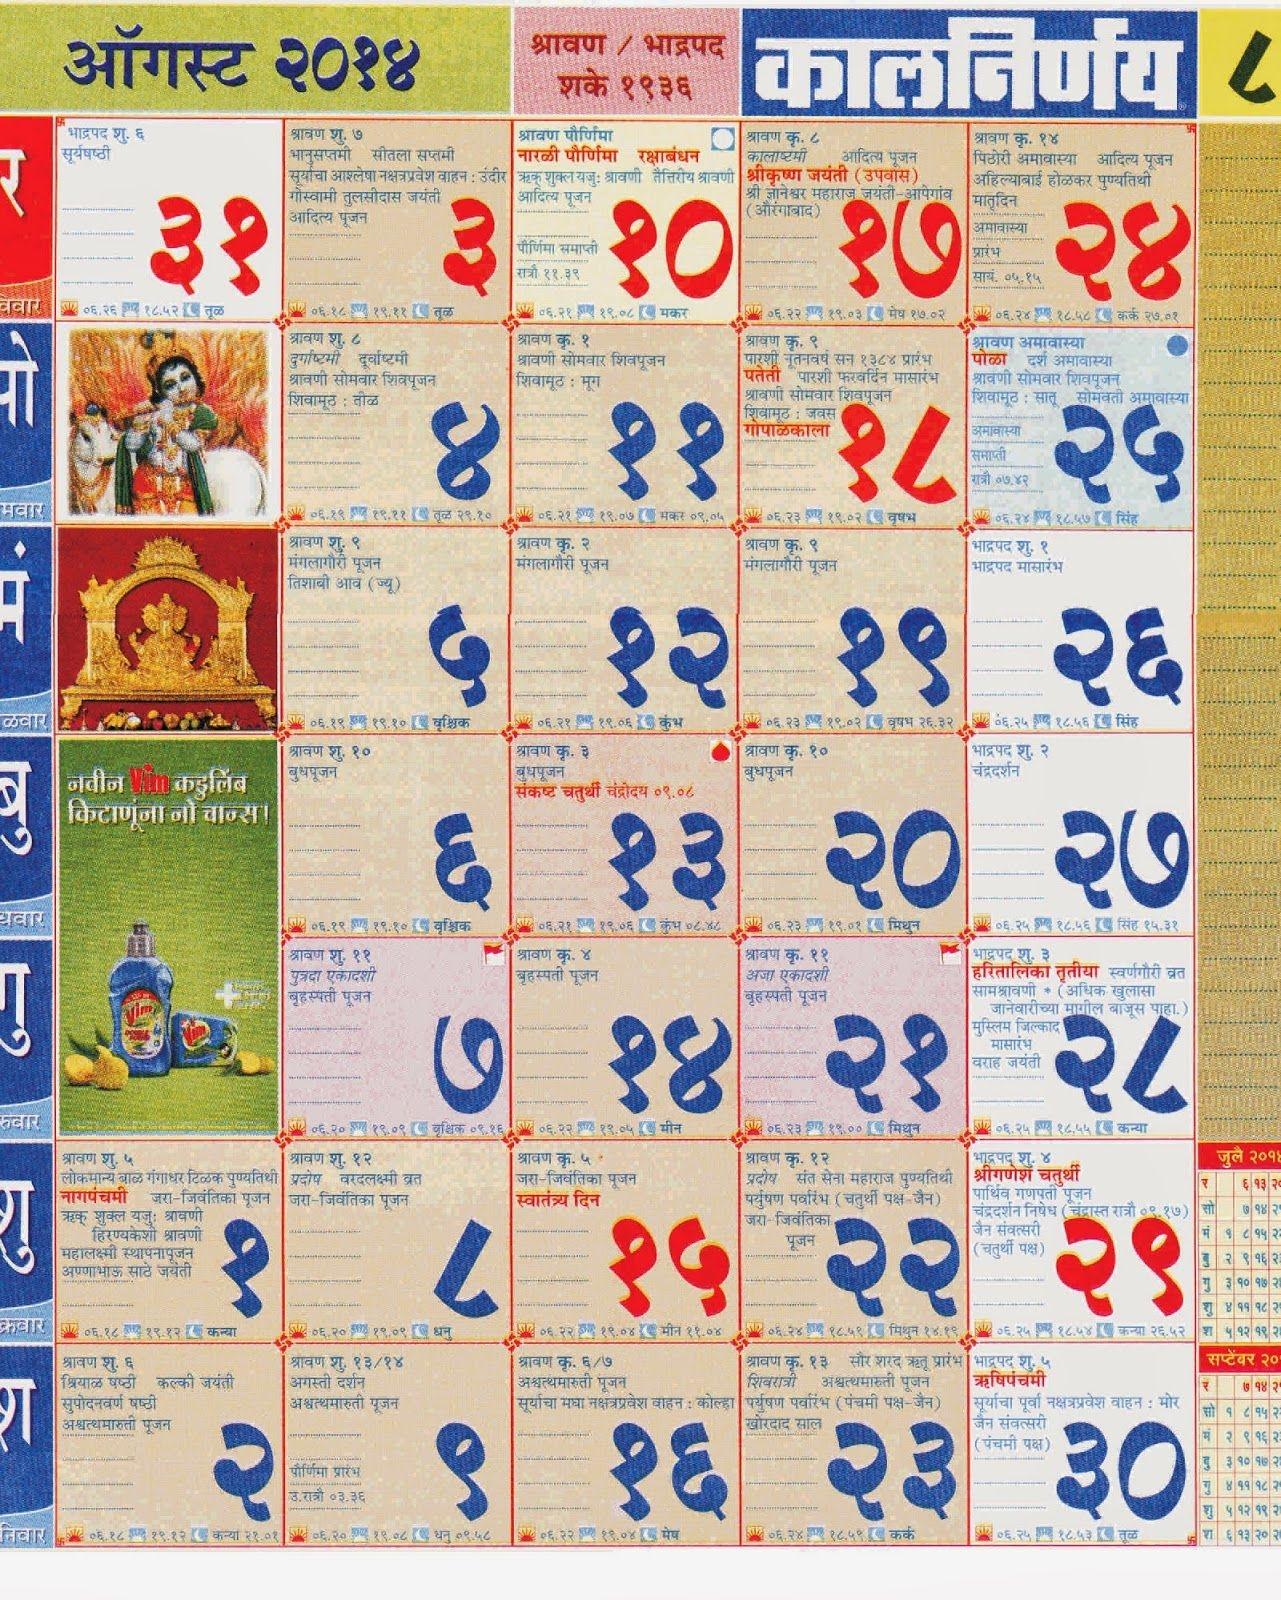 Kalnirnay Marathi Calendar 2013 Free Download For Mobile